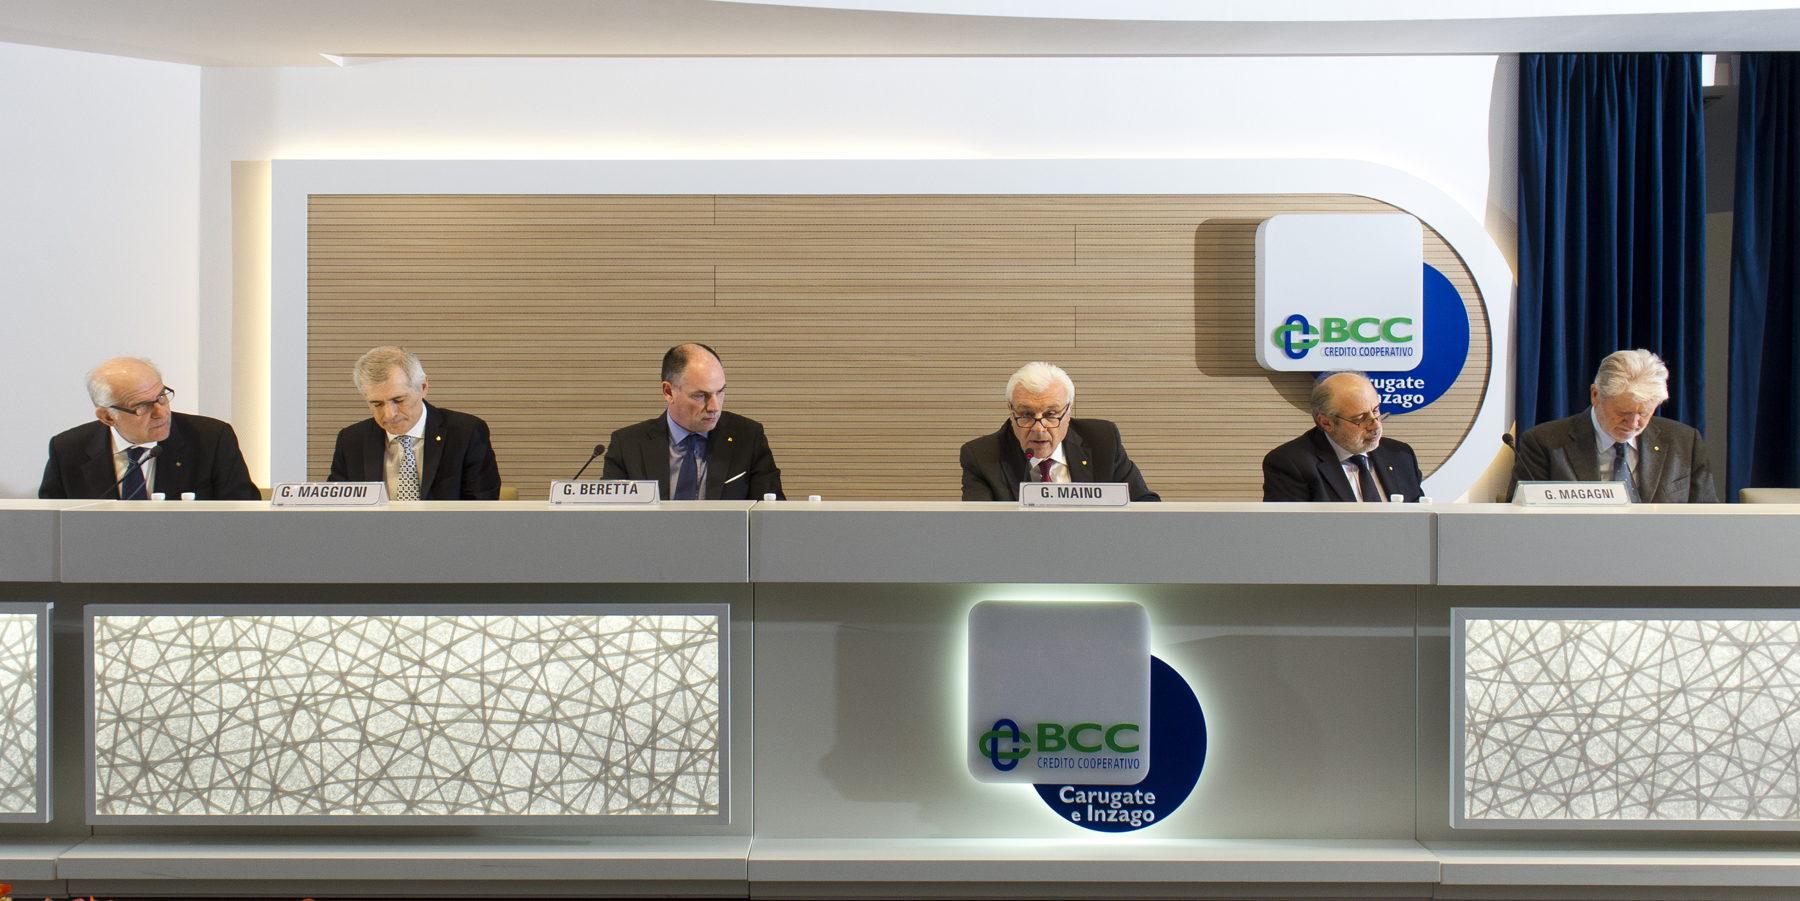 BCC Carugate Inzago: l'Assemblea dei Soci approva il Bilancio 2015